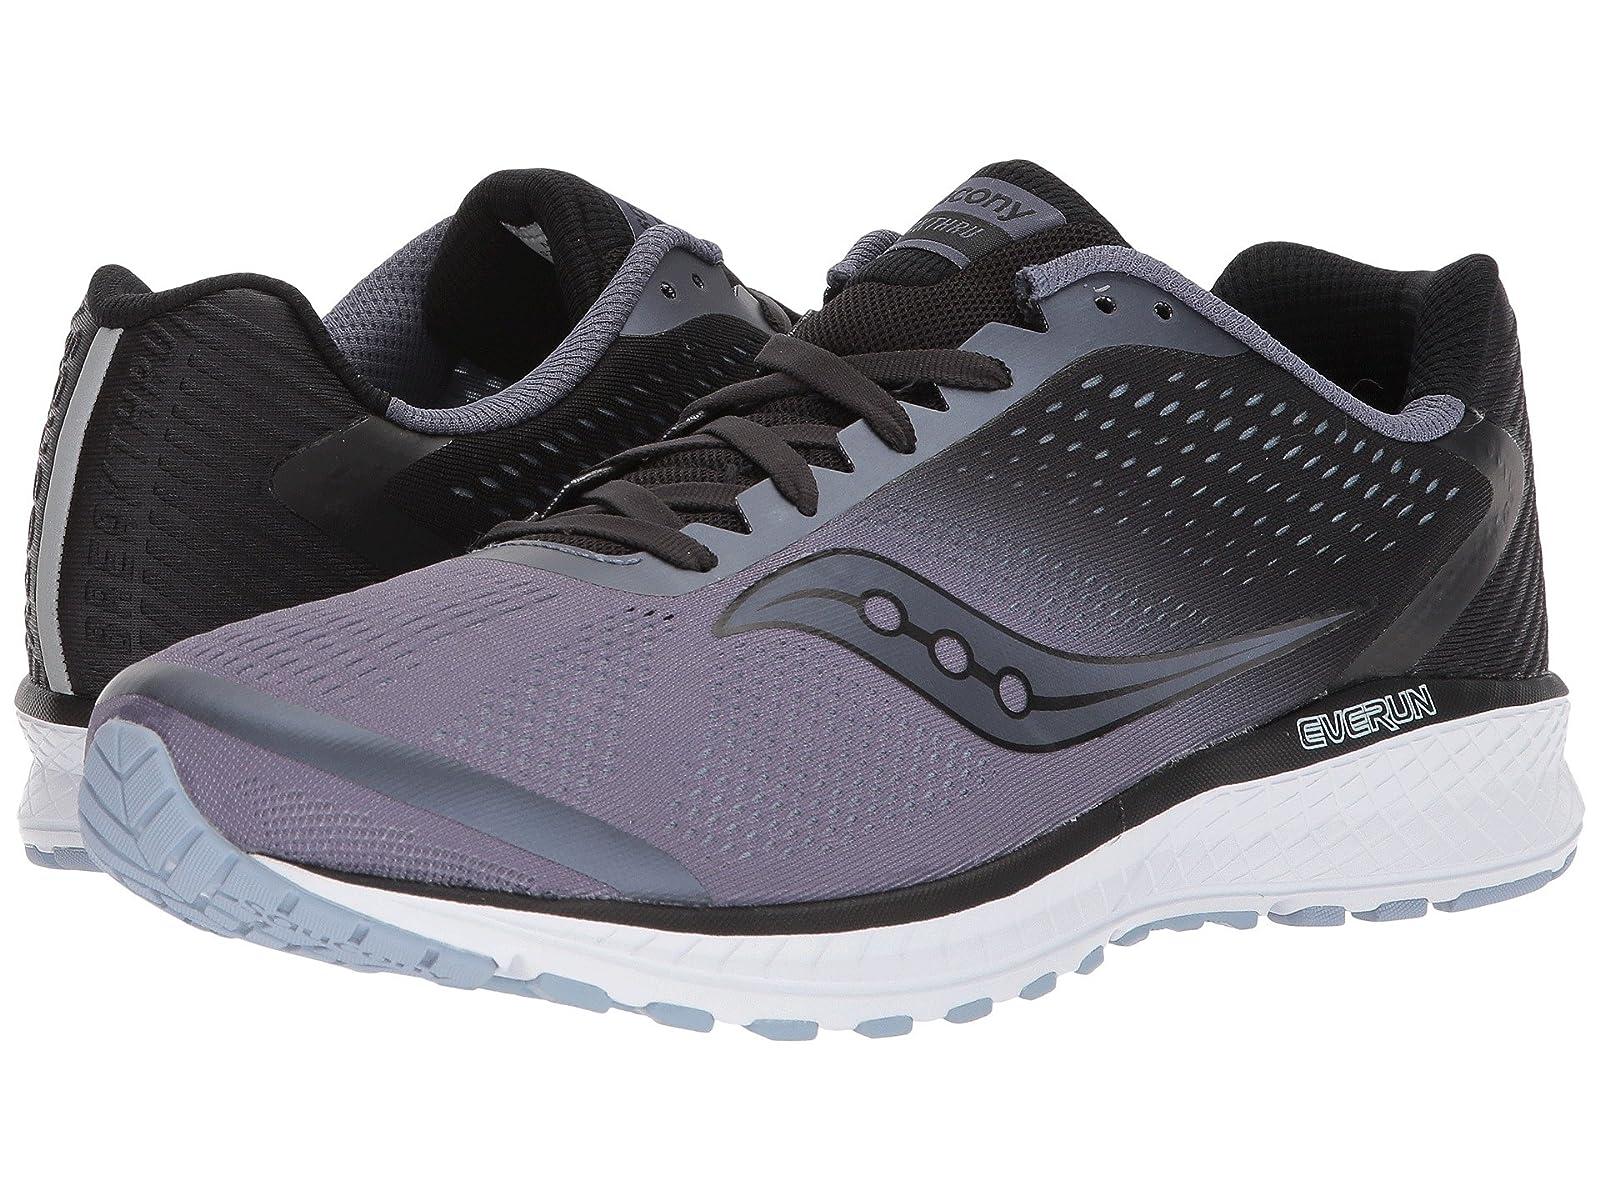 Saucony Breakthru 4Atmospheric grades have affordable shoes